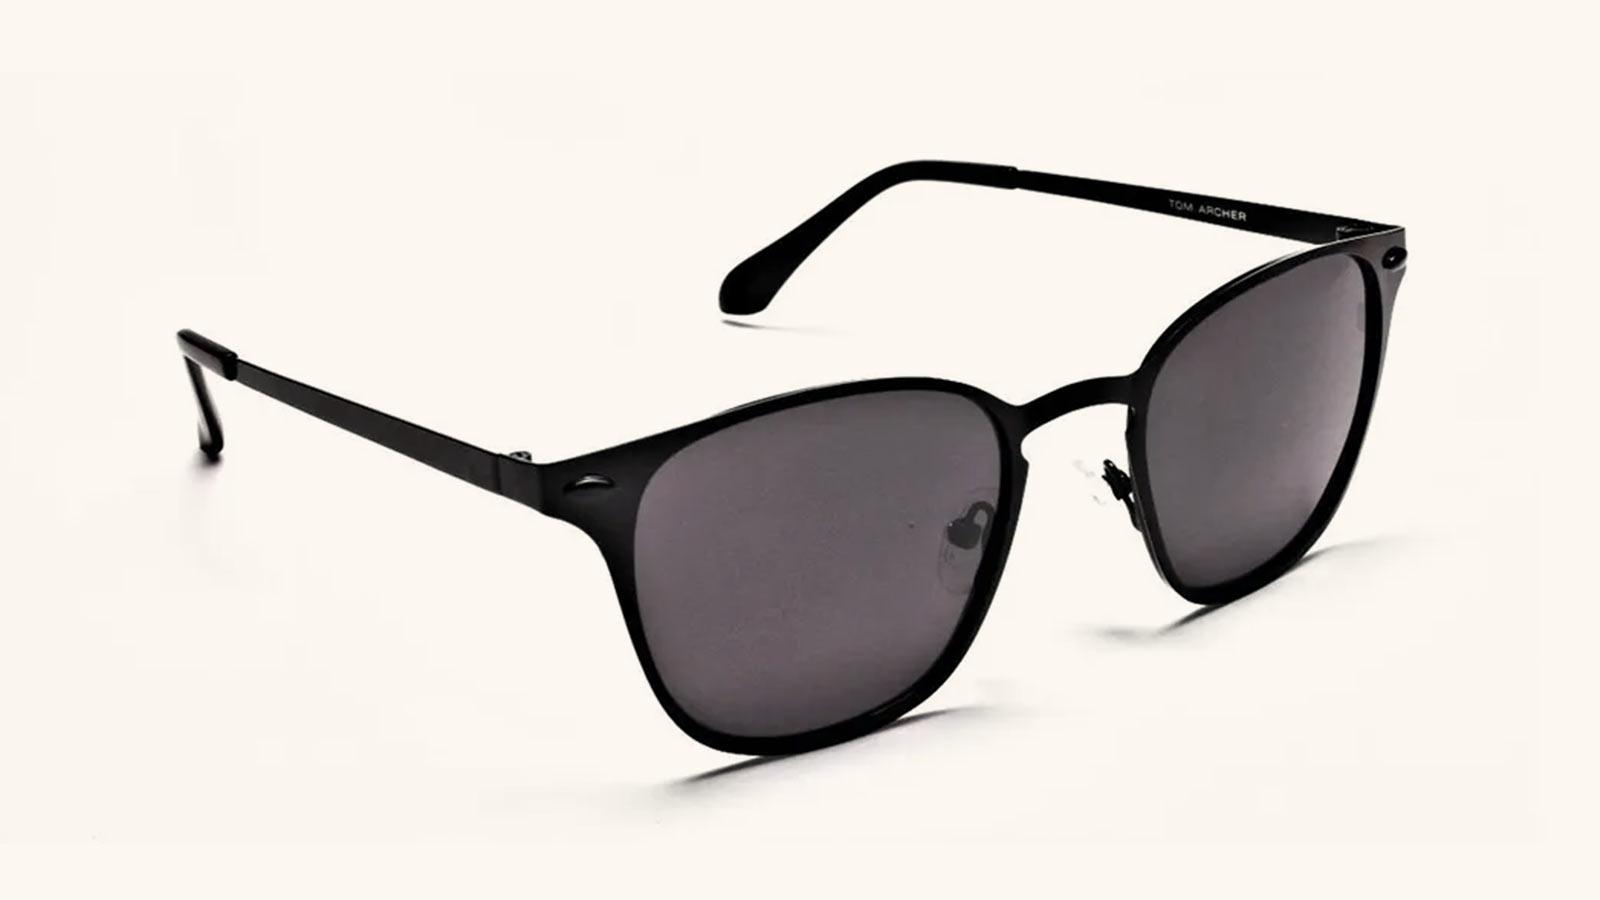 Wayfarer Sunglasses for Travel